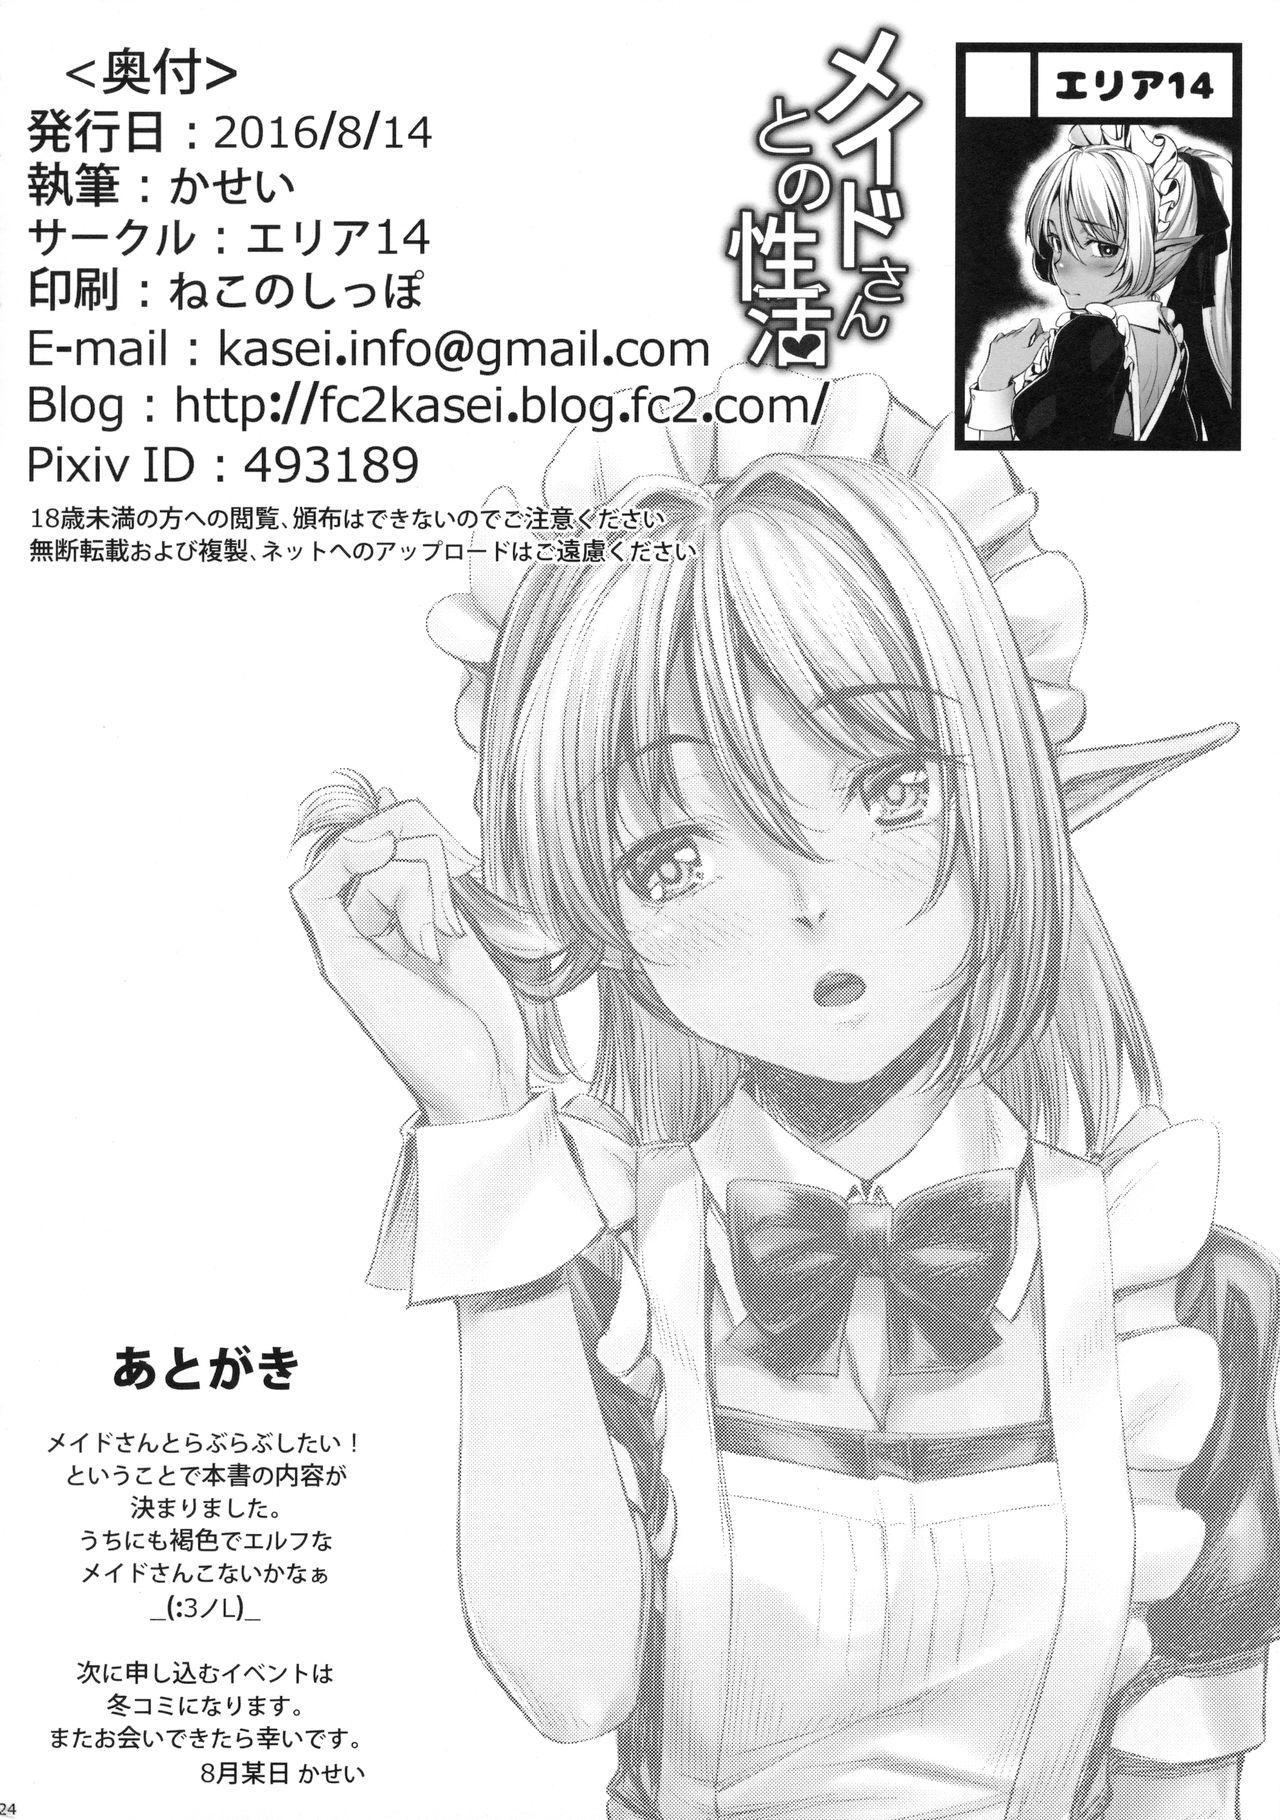 Maid-san to no Seikatsu 24